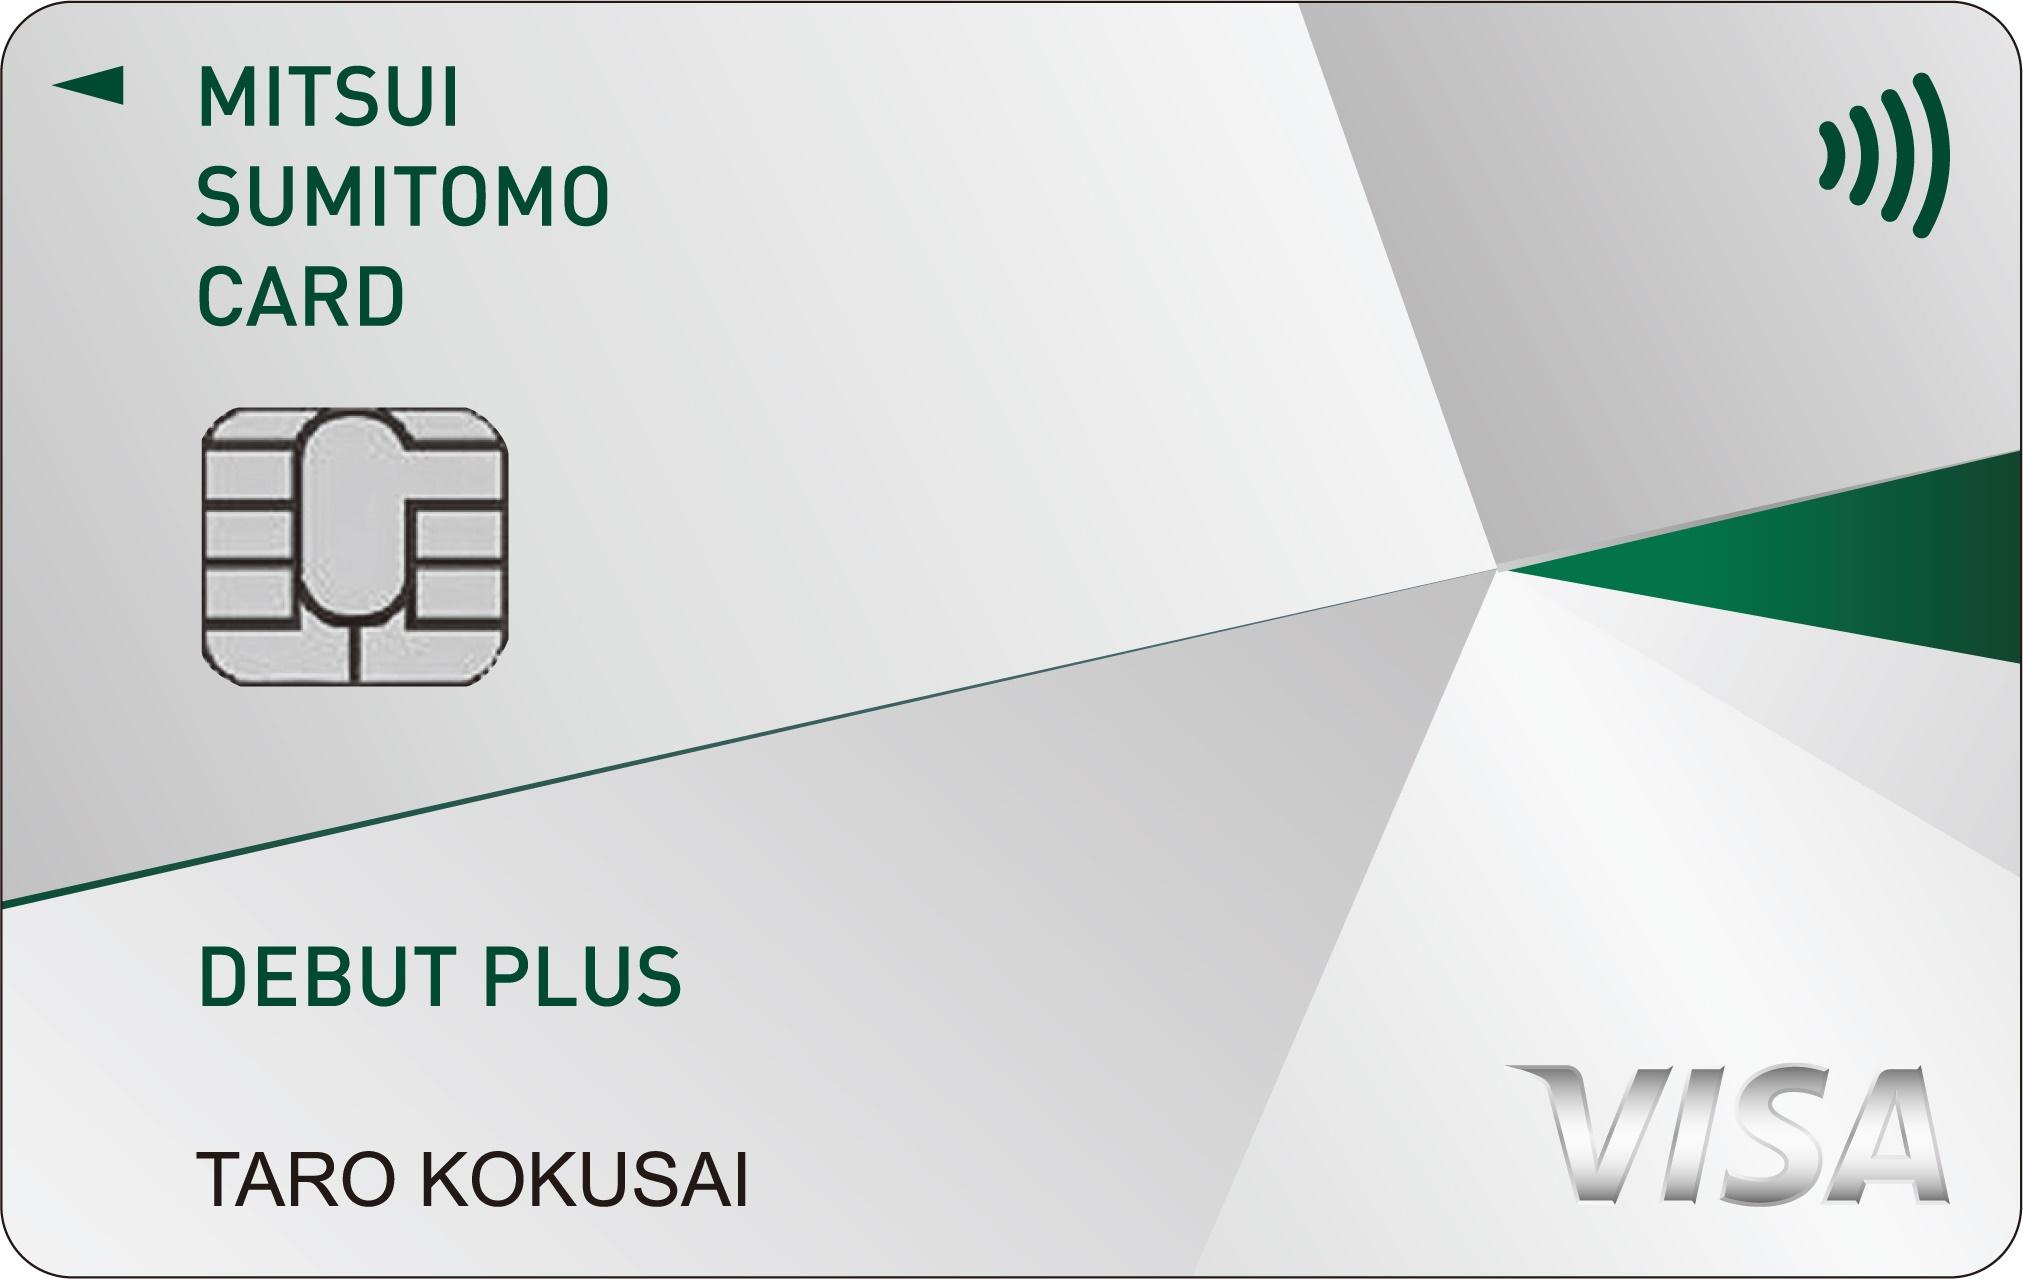 三井住友カード デビュープラスの限度額(利用枠)を社会人 学生に分けて紹介します。 | カード会社先行なび